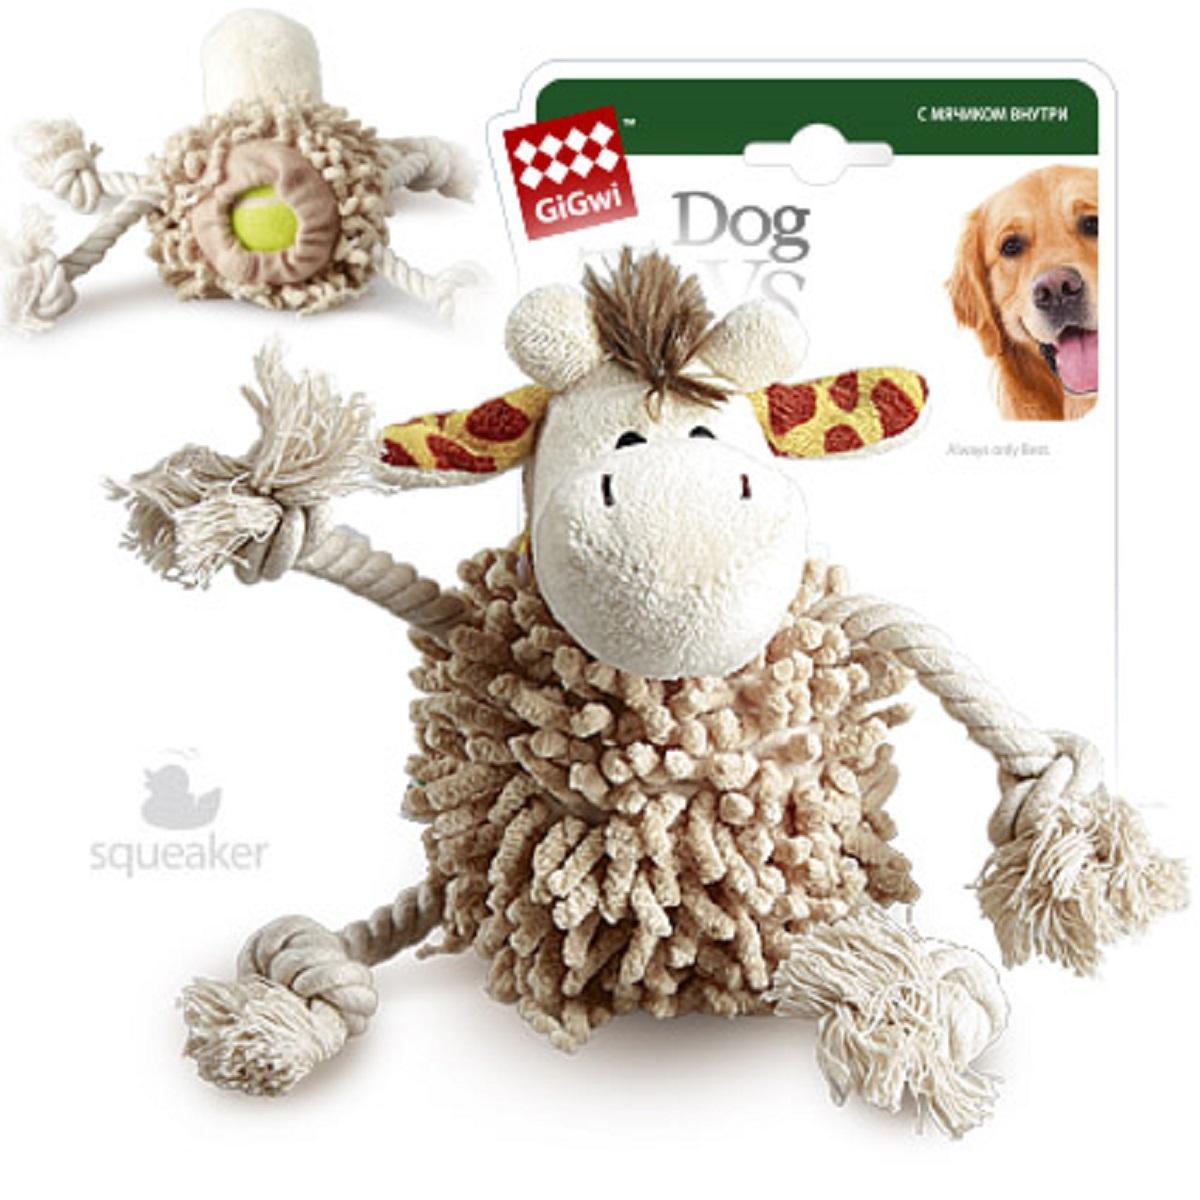 Игрушка для собак GiGwi Жираф, с теннисным мячом, длина 20 см игрушка для собак gigwi резиновая цепь длина 18 см